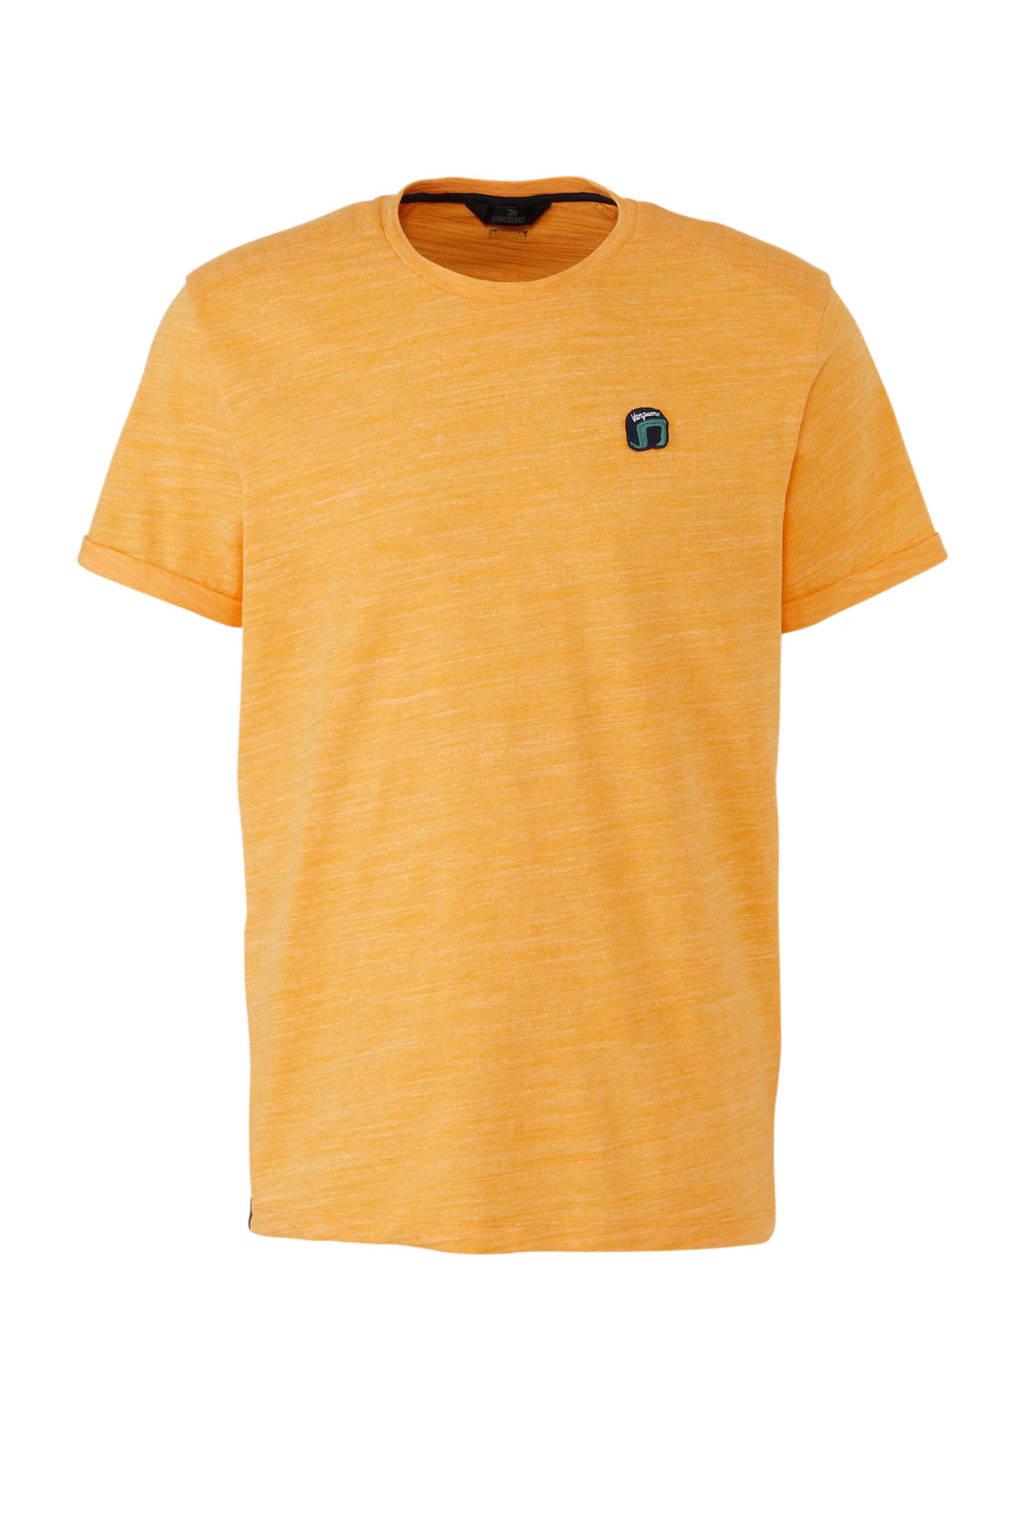 Vanguard T-shirt, Okergeel